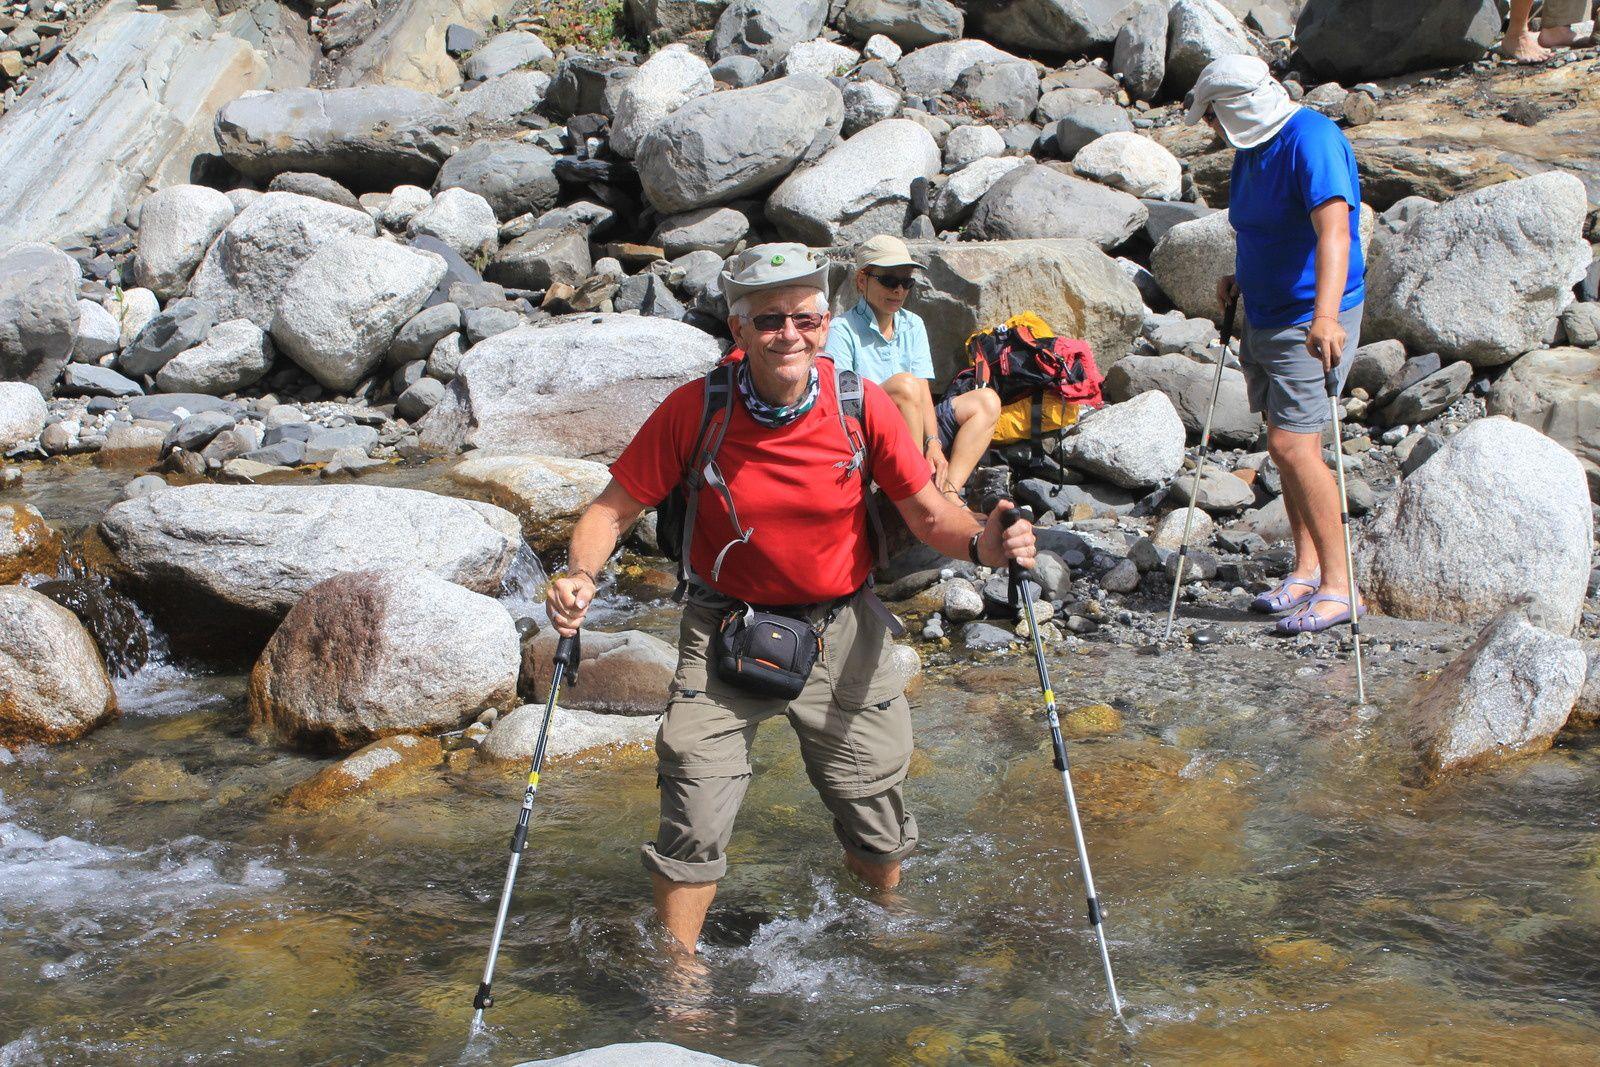 Traversée du 2e cours d'eau sans les chaussures. Devi est prêt à intervenir en cas de problème.